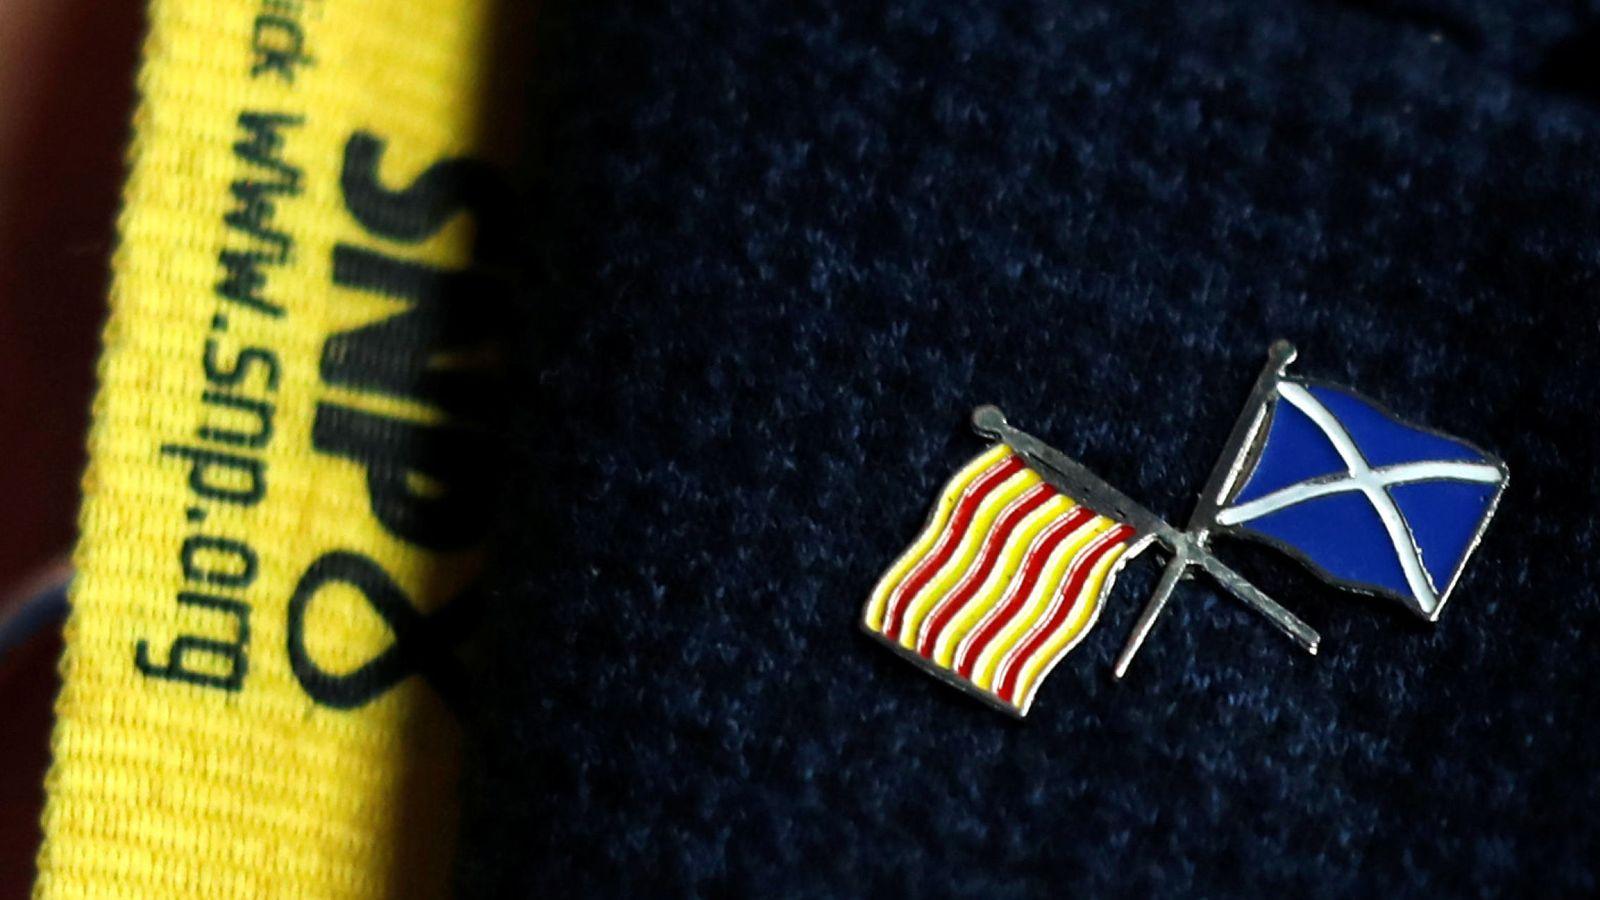 Foto: La parlamentaria Joanna Cherry luce un pin que mezcla la estelada con la bandera escocesa, durante el Congreso. (Reuters)